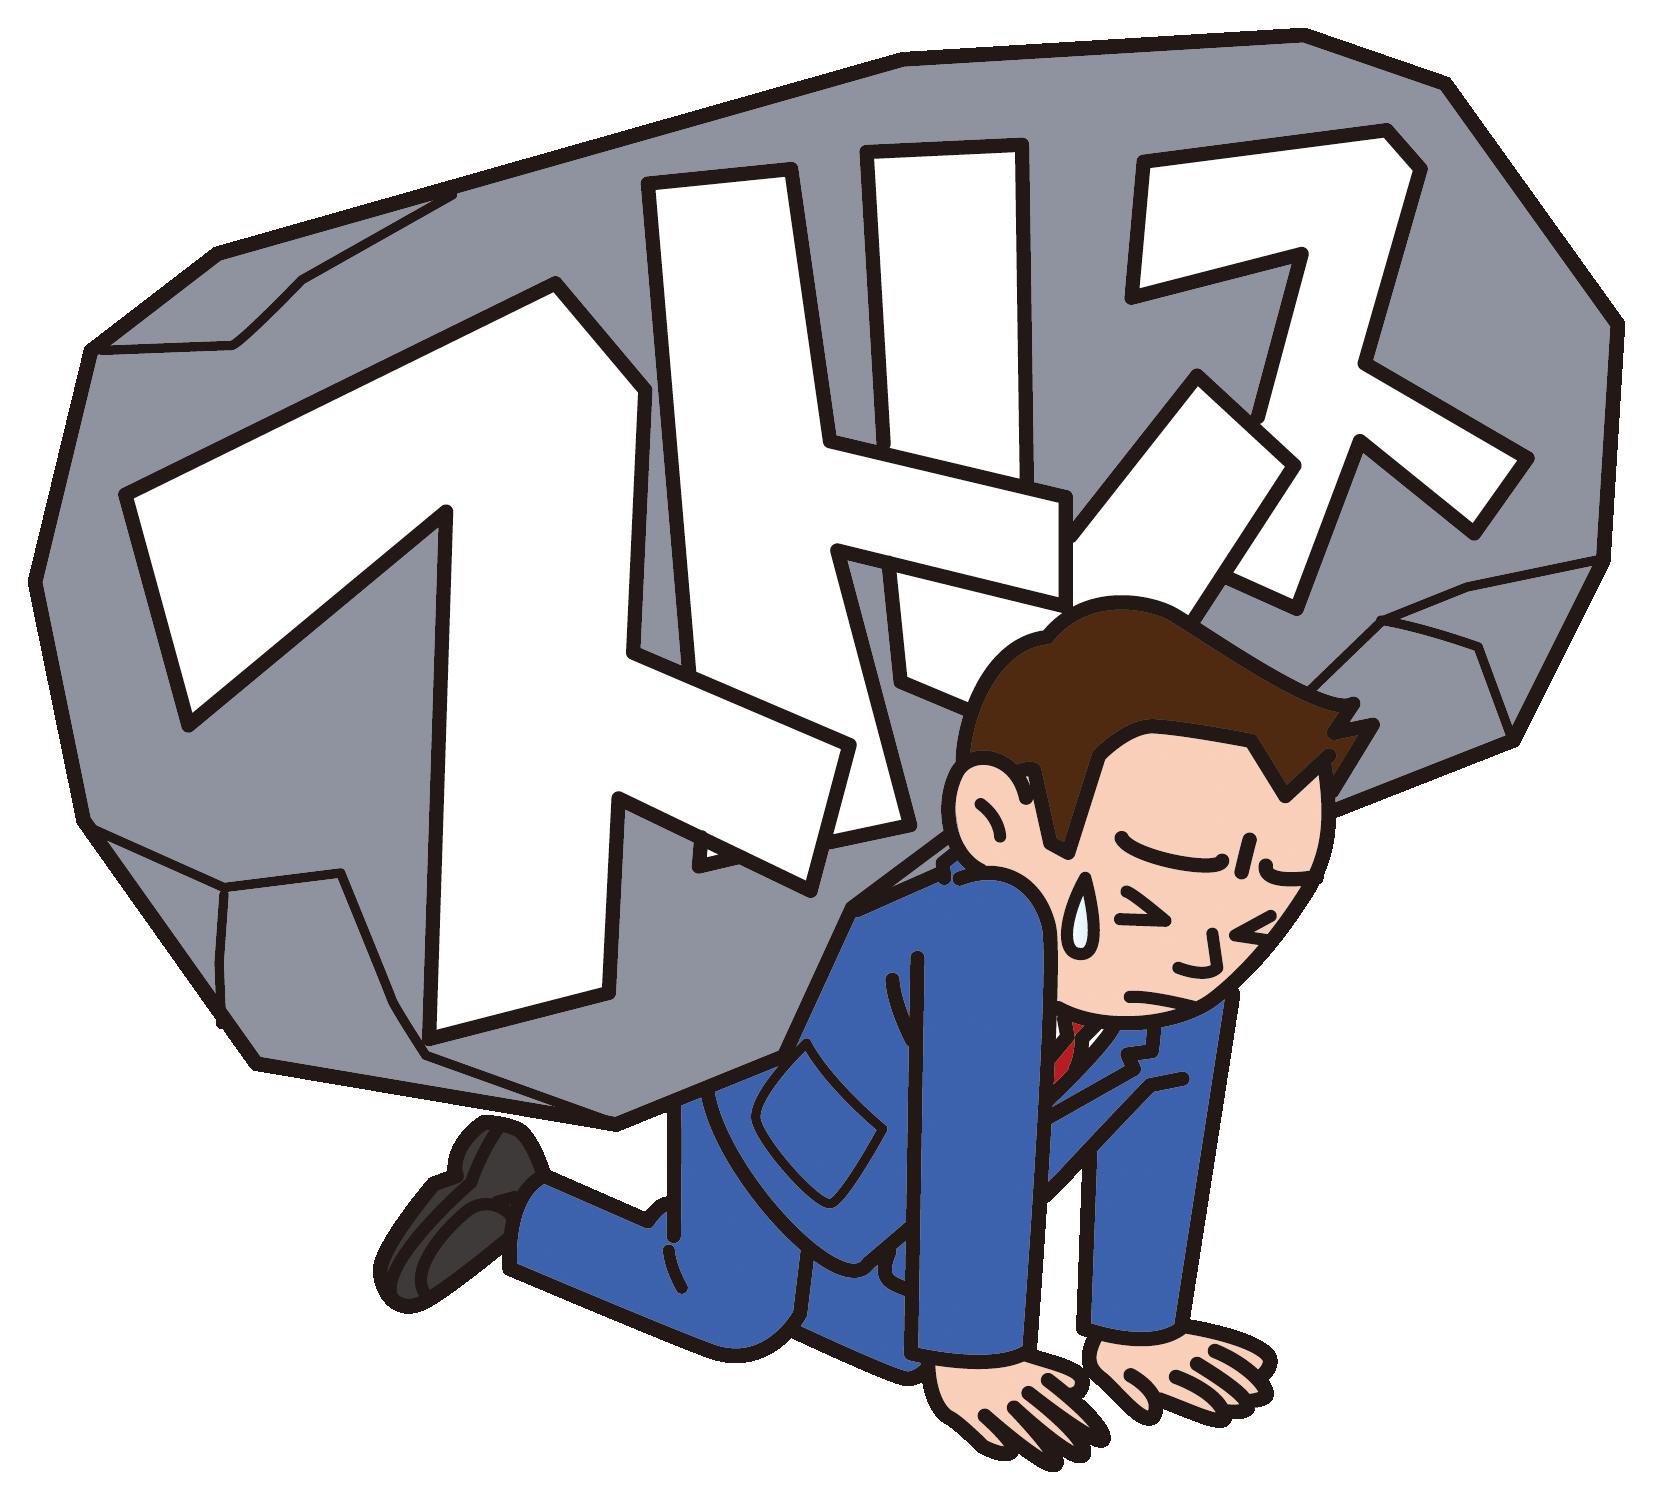 ストレッサー(ストレス刺激)とストレス(ストレス反応)